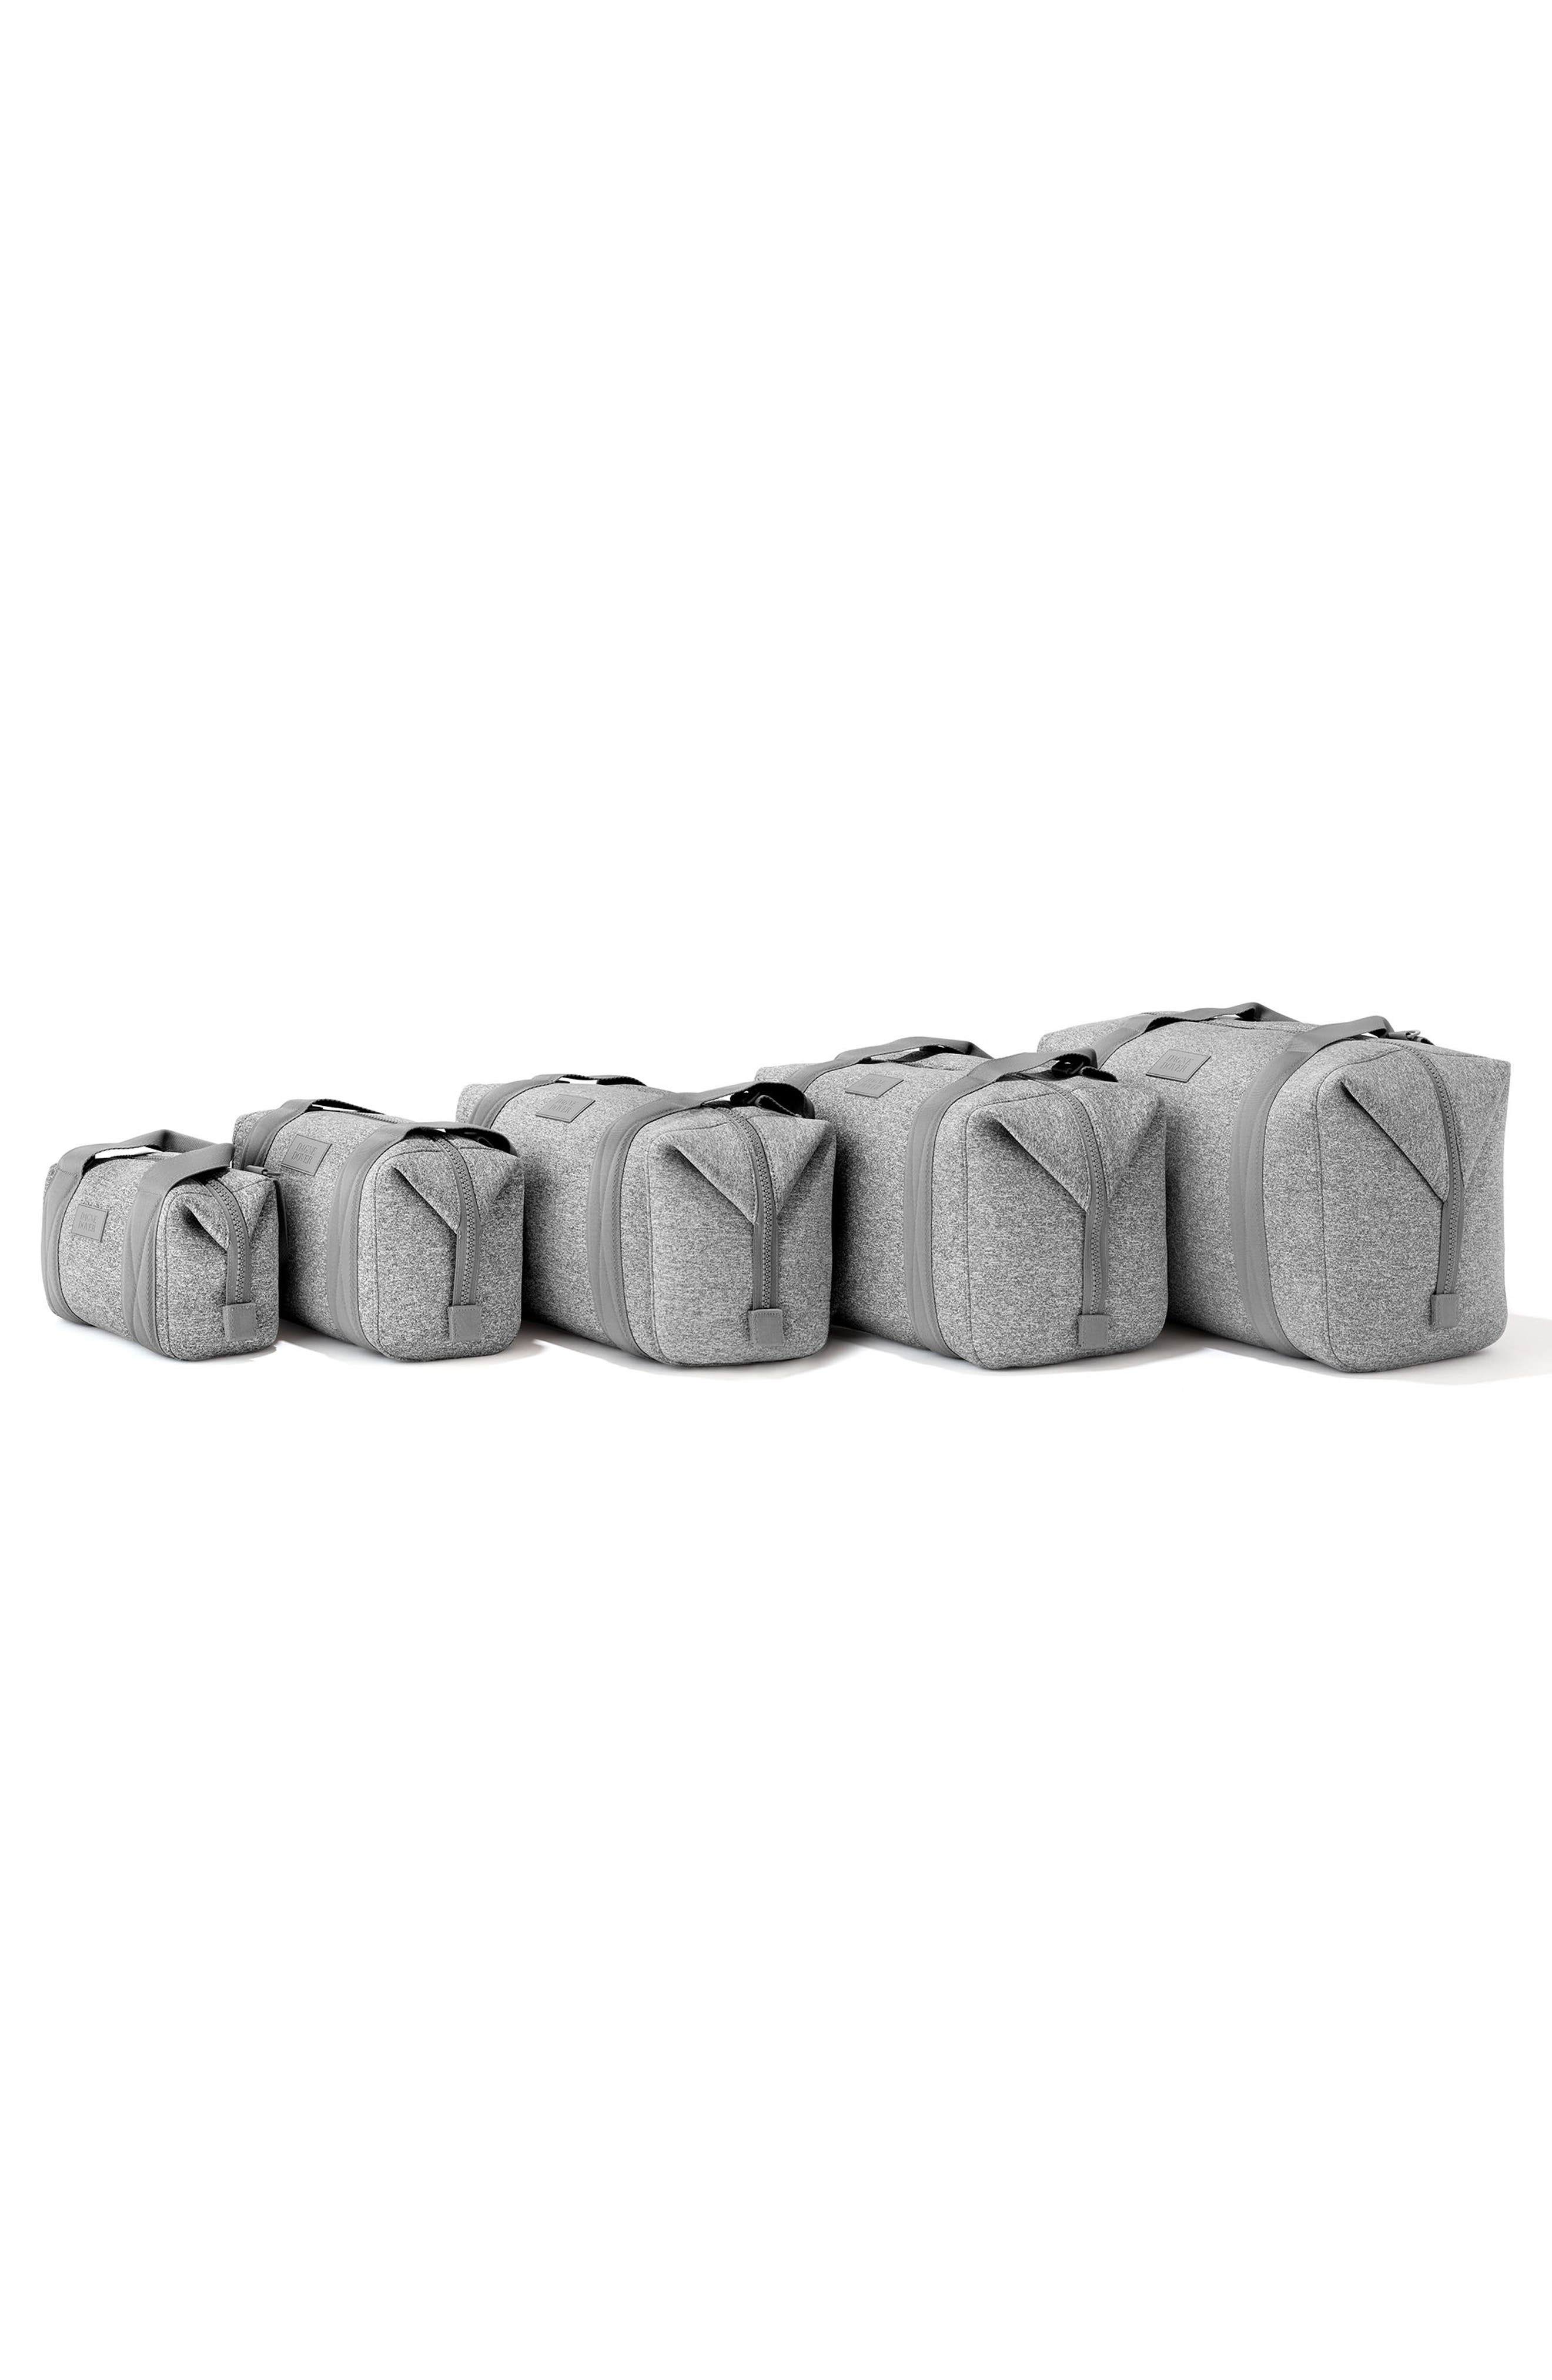 DAGNE DOVER, 365 Medium Landon Neoprene Carryall Duffle Bag, Alternate thumbnail 6, color, HEATHER GREY